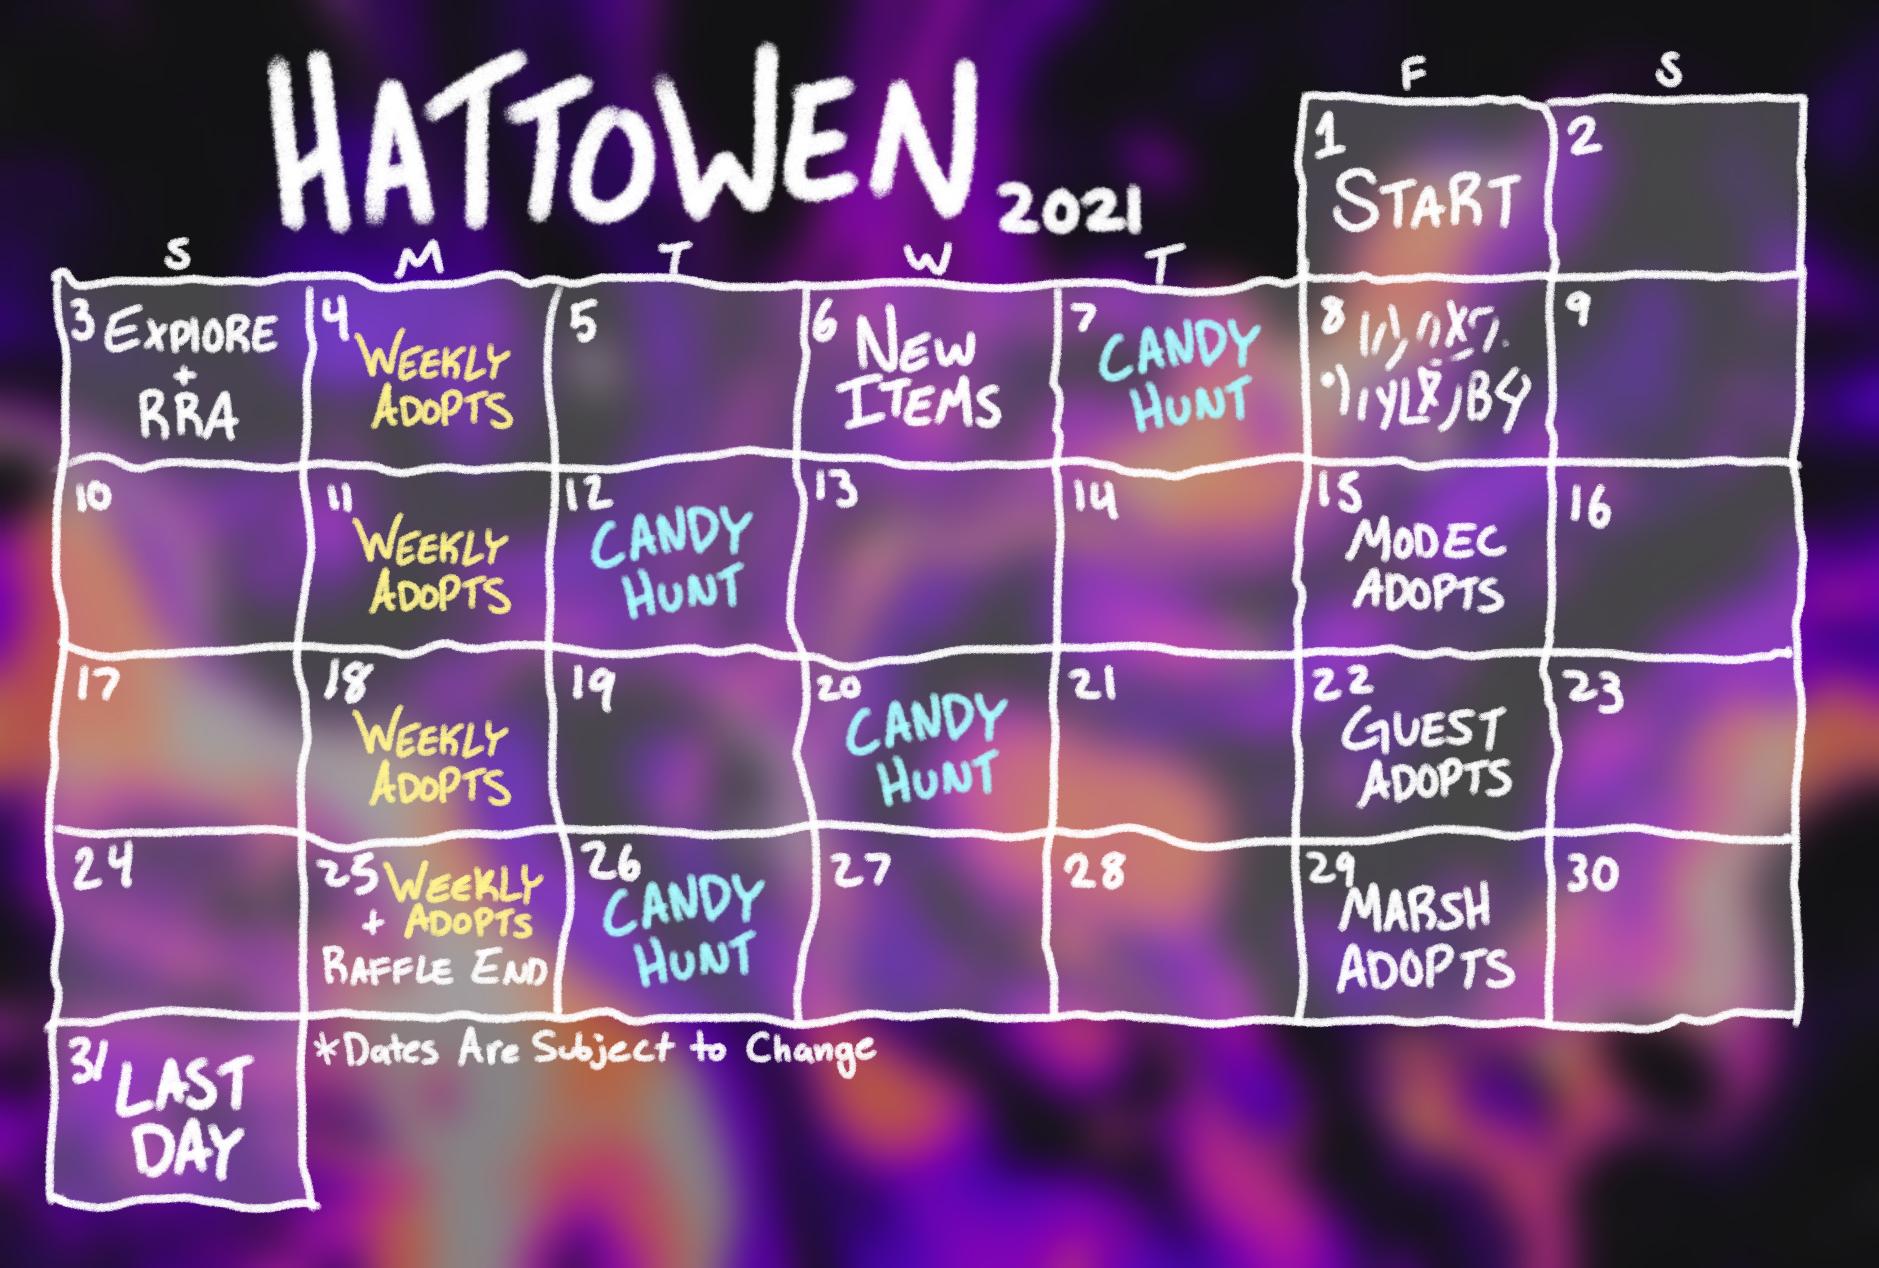 Hattowen event 2021 release calender